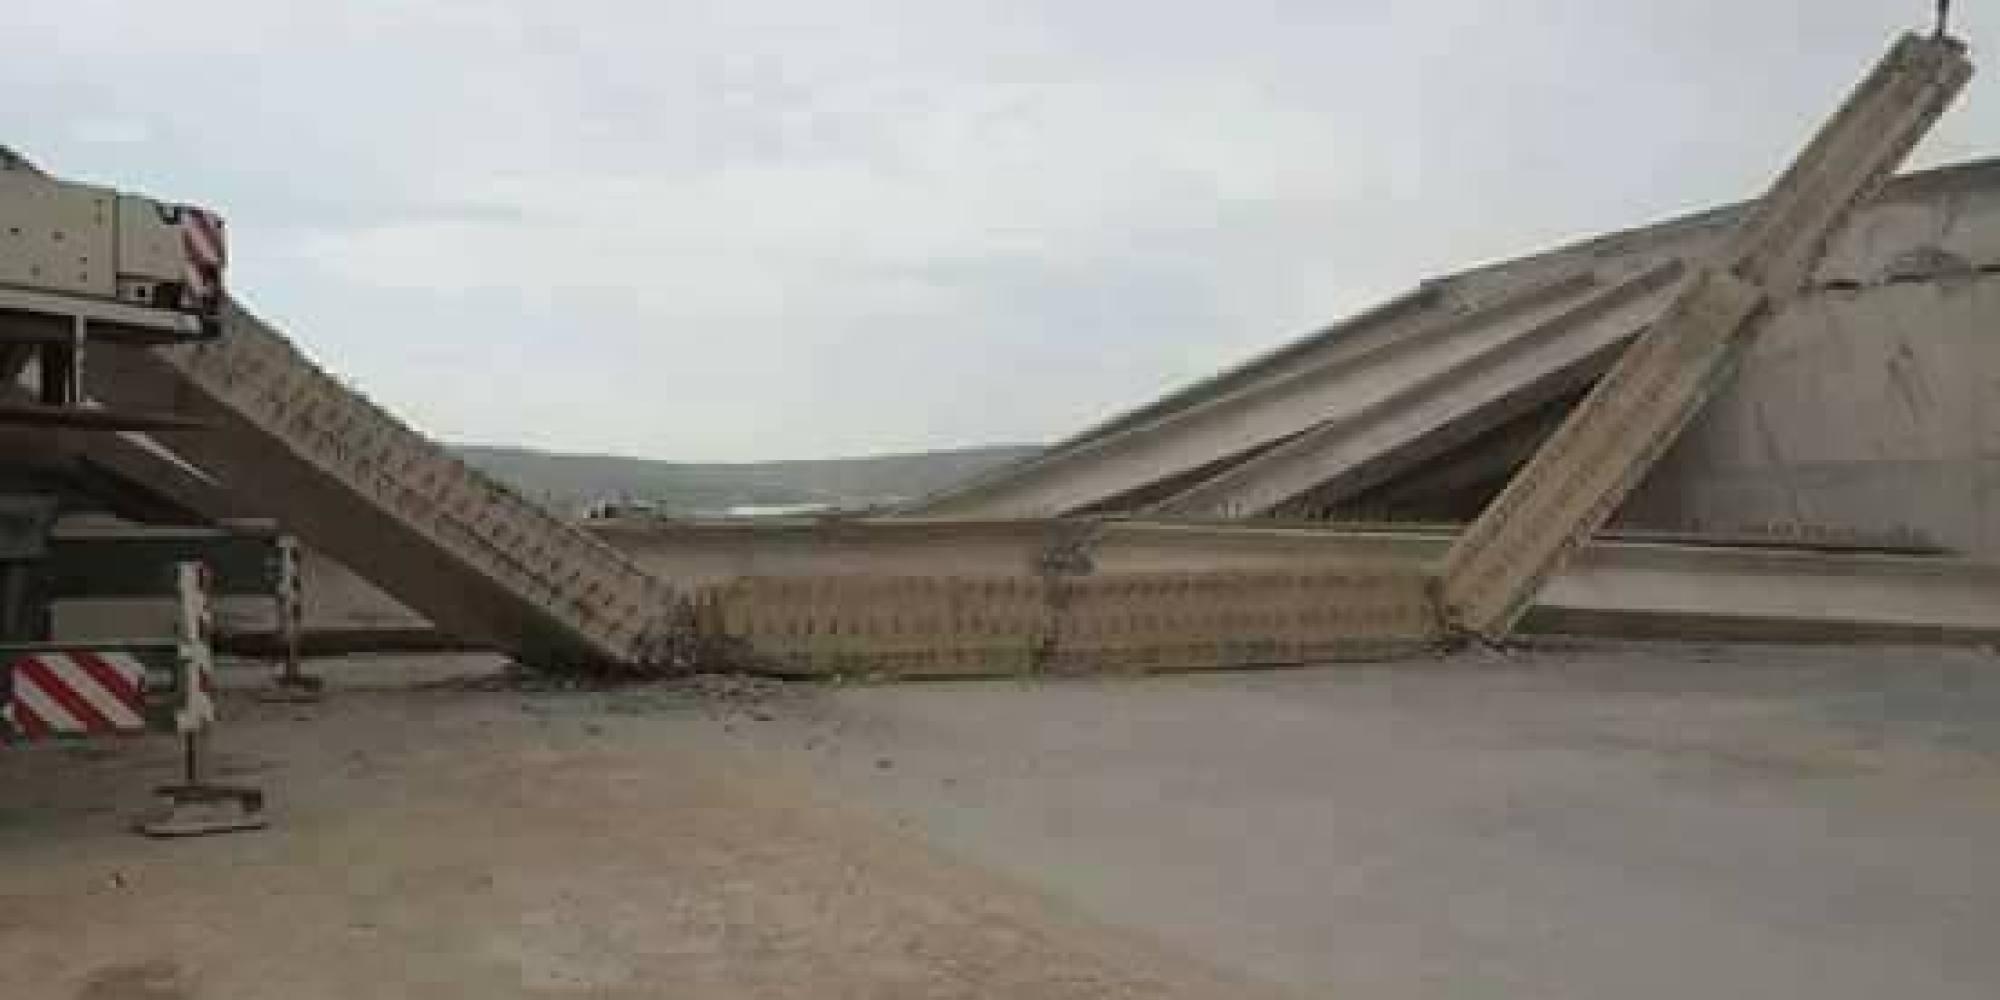 Un pont s'effondre à Tebessa : erreur de construction ou fraude ?